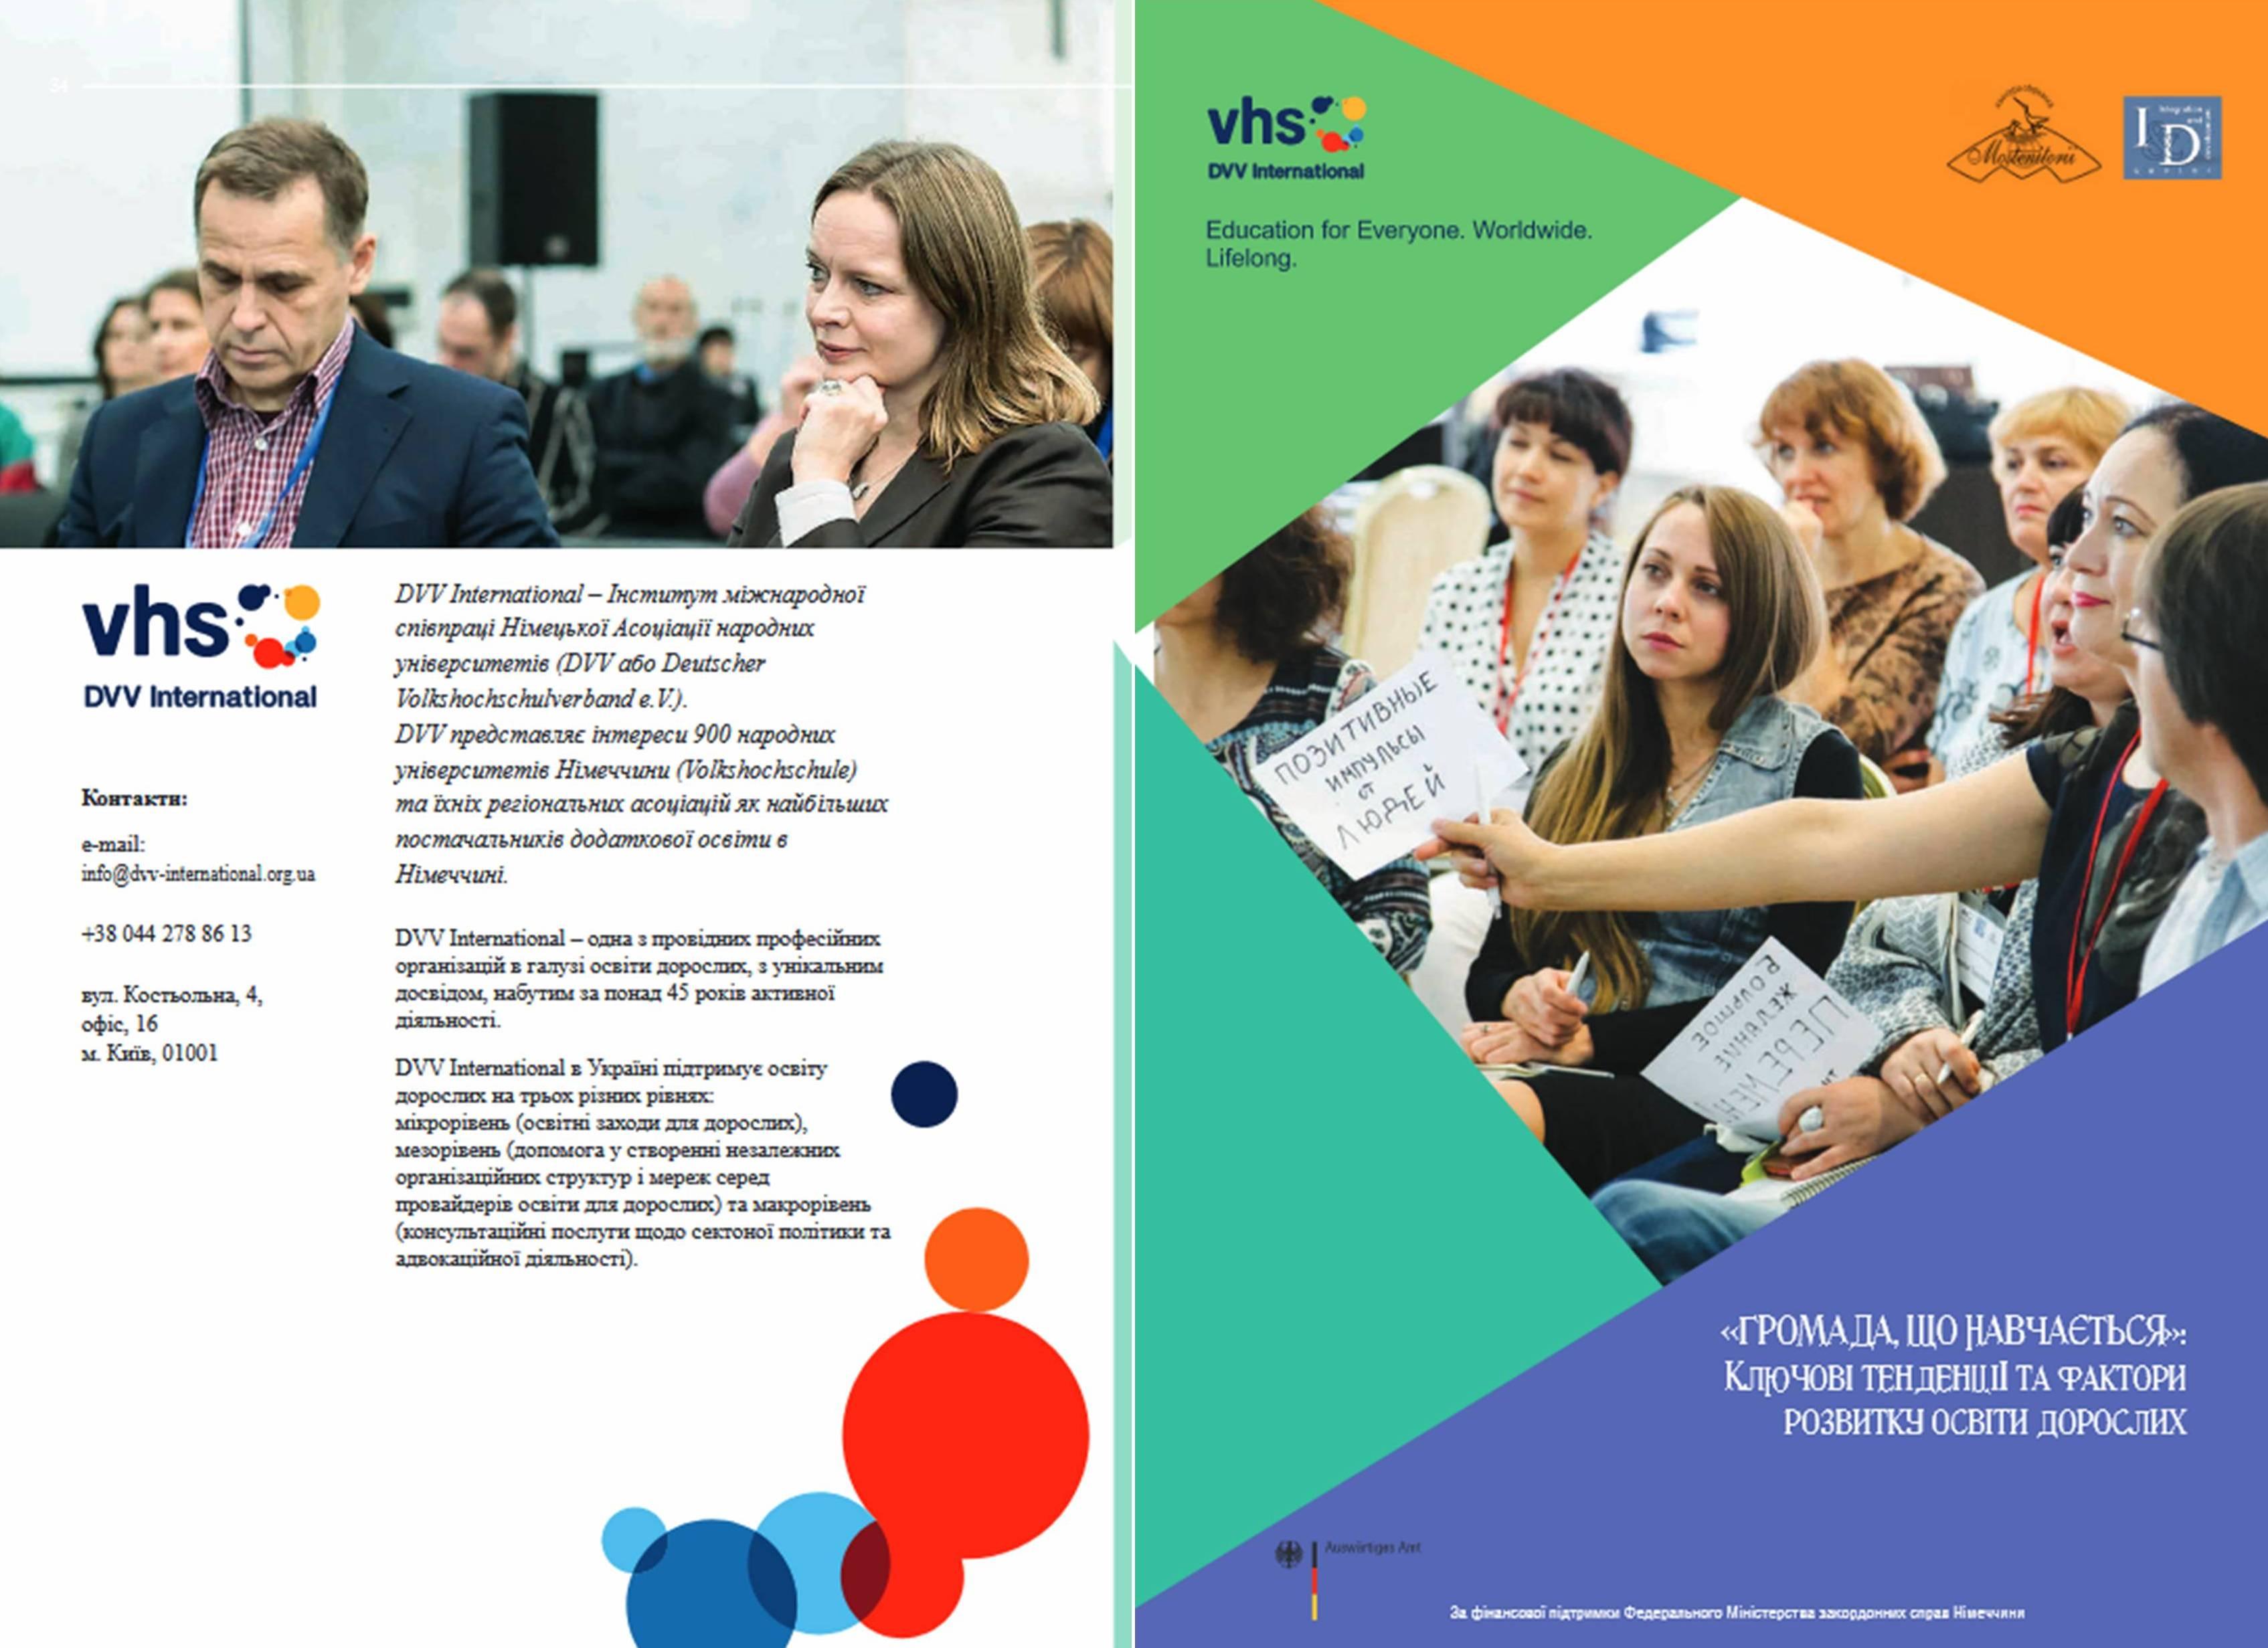 """Збірка """"ГРОМАДА, ЩО НАВЧАЄТЬСЯ: ключові тенденції та фактори розвитку освіти дорослих"""""""